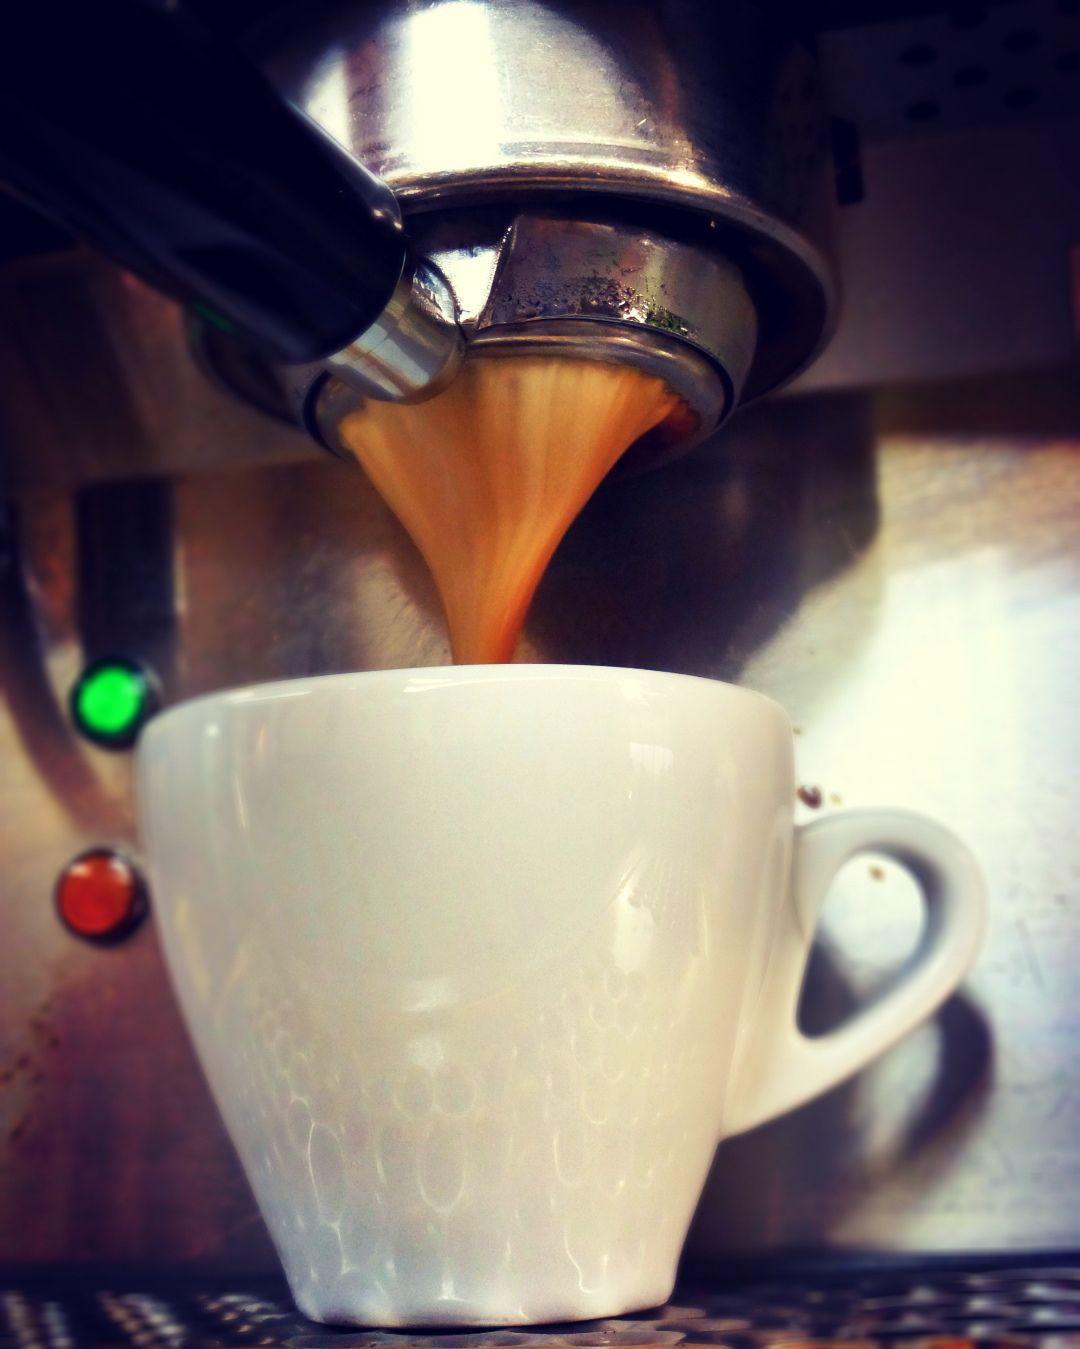 A R O M A  D I  C A F F É   Tarde para disfrutar del mejor café.  Vive momentos especiales en #AromaDiCaffé  tu lugar de encuentro.  #MomentosAroma #SaboresAroma #ExperienciaAroma #Caracas #MejoresMomentos #Amistad #Compartir #Café #CaféBombón #CaféColonial #CaféVenezolano #Capuccino #Coffee #CoffeePic #CoffeeLovers #CoffeeTime #CoffeeBreak #CoffeeAddicts #CoffeeHeart #InstaPic #InstaMoments #InstaCoffee Visítanos en el C.C. Metrocenter pasaje colonial.